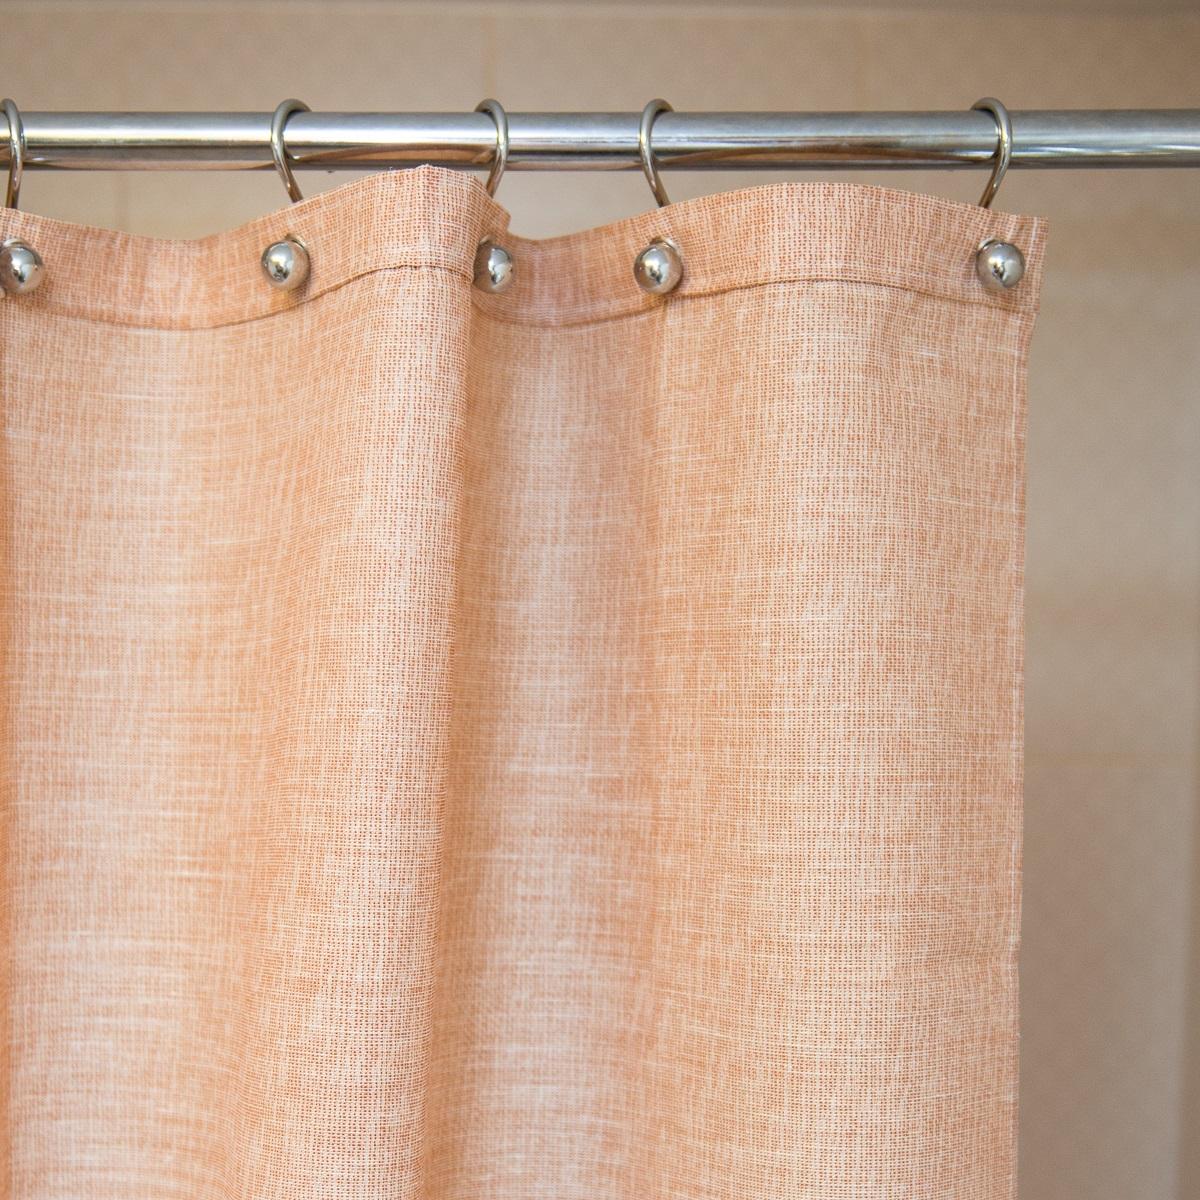 Шторки Шторка для ванной 180x200 Arti-Deco Bitono C. Garnet elitnaya-shtorka-dlya-vannoy-bitono-c-garnet-ot-arti-deco-ispaniya_.jpg